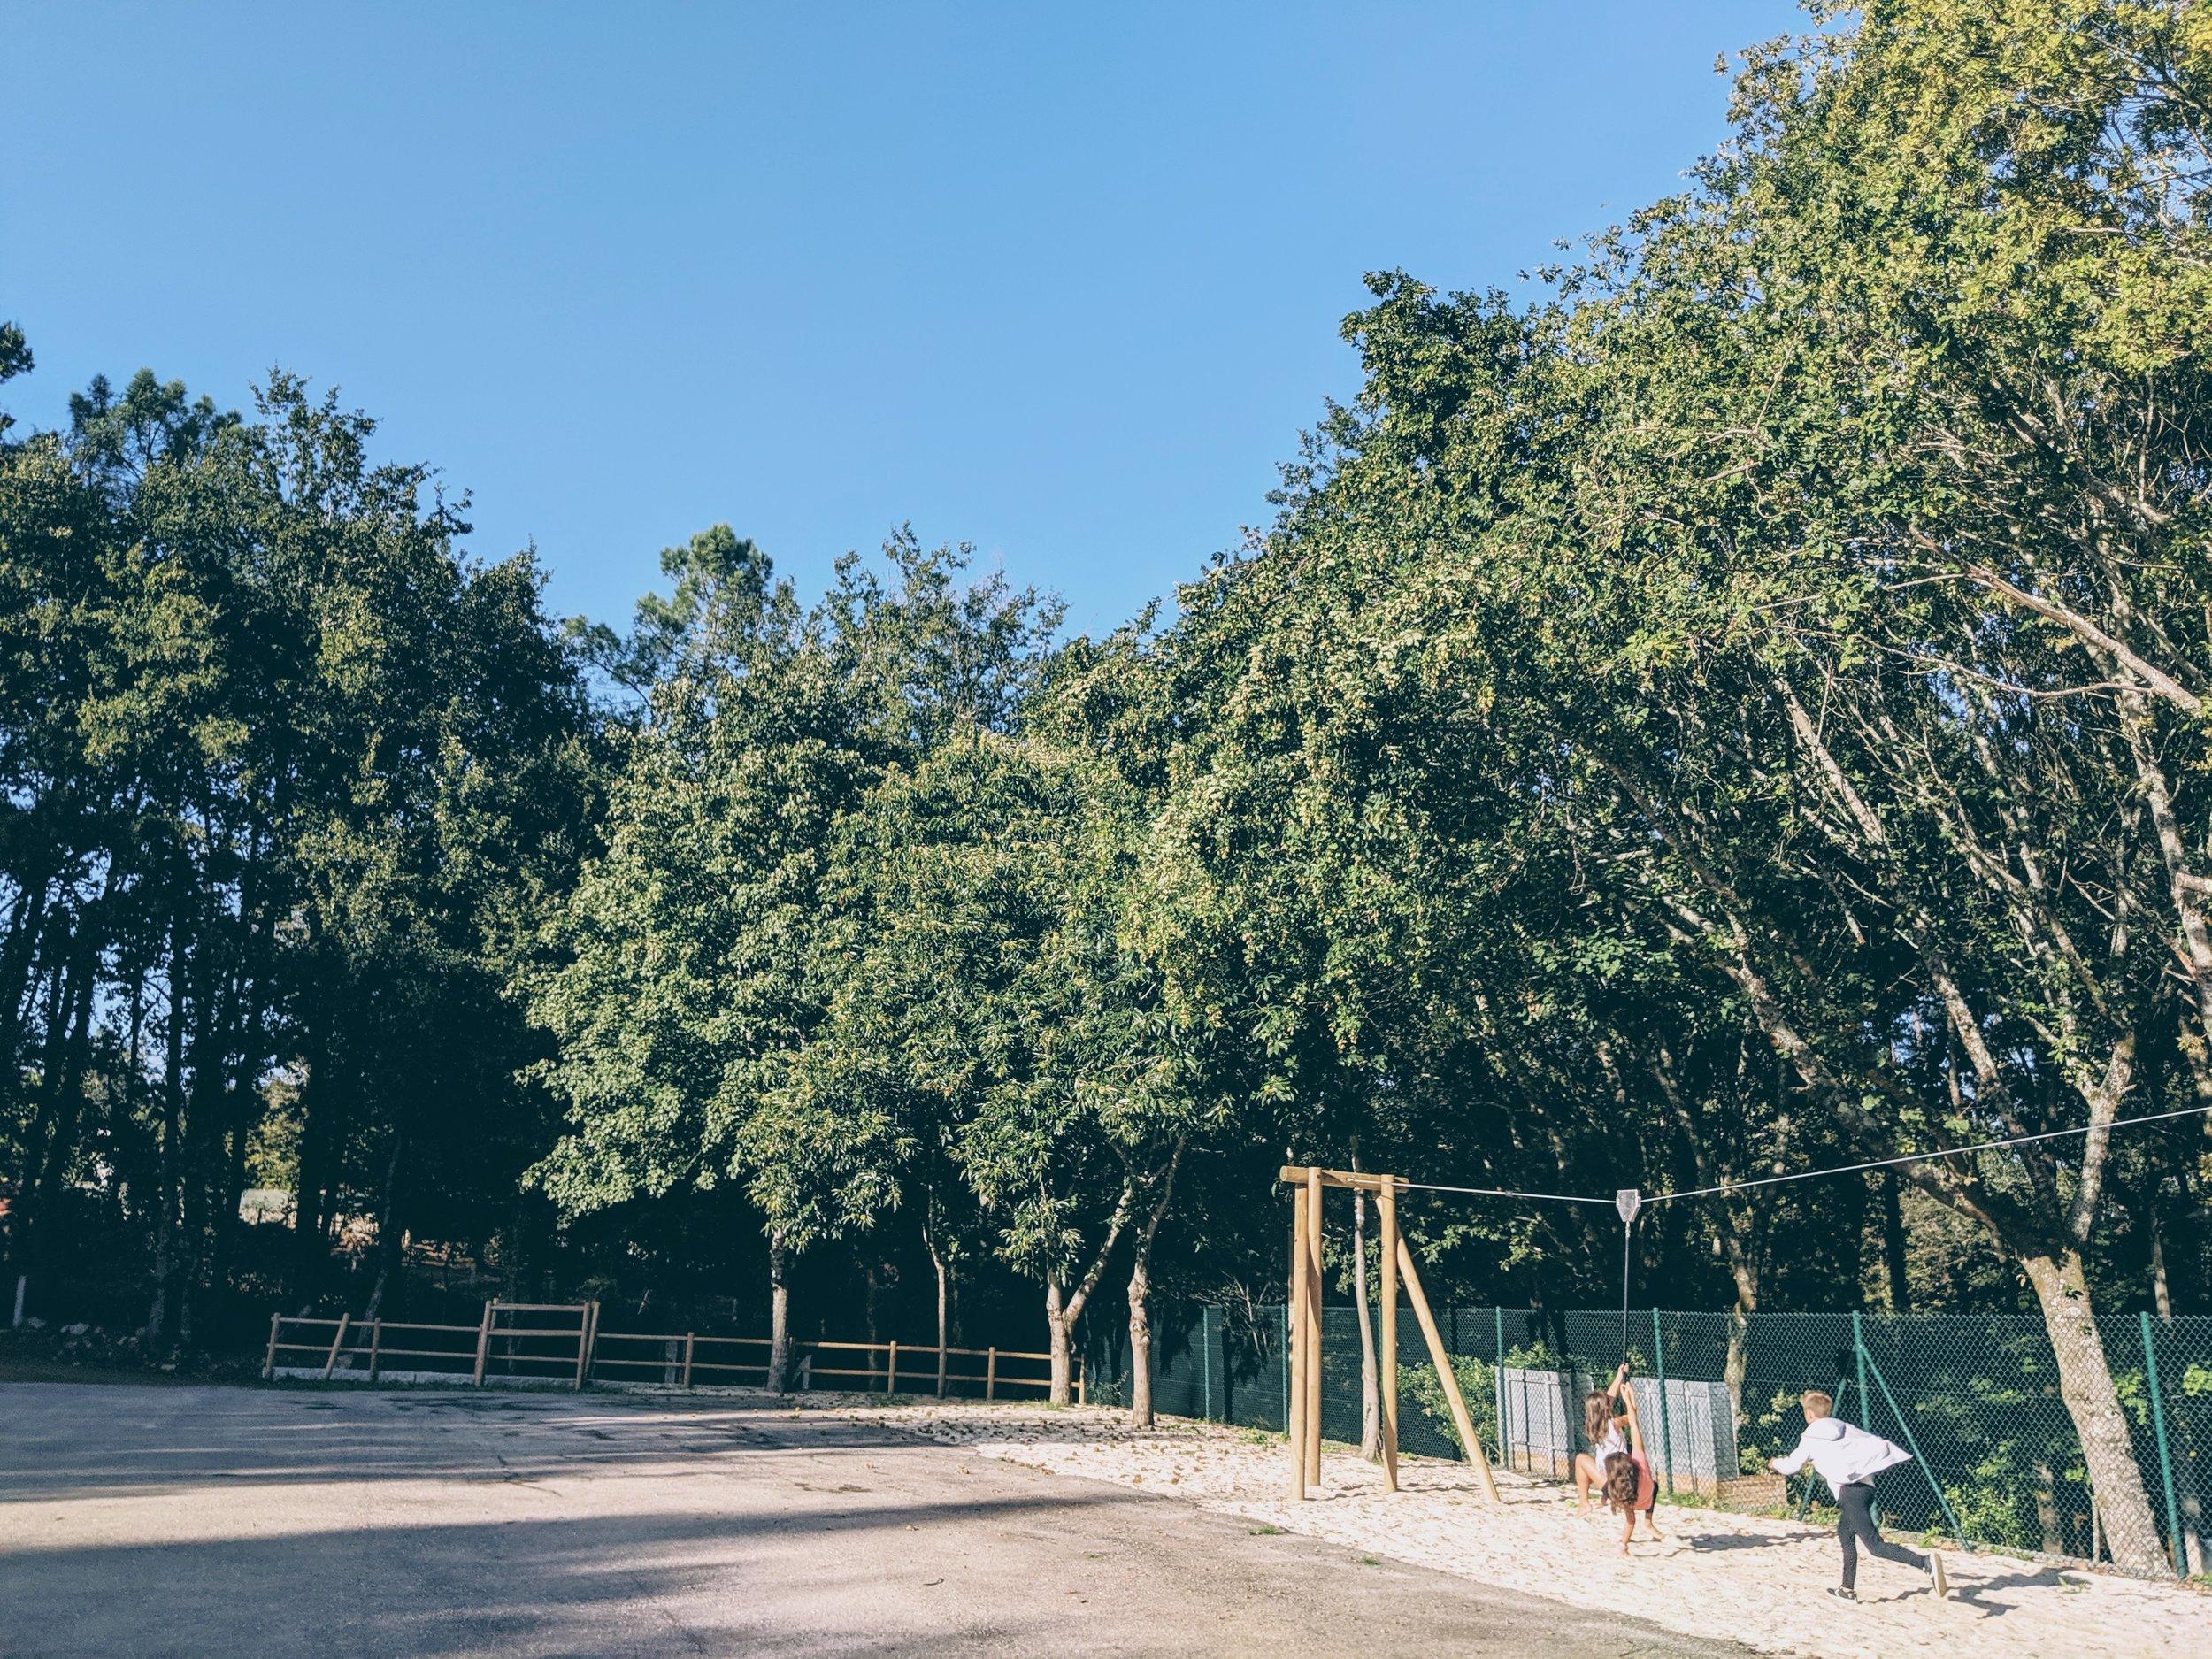 Parque de Bouza Vella